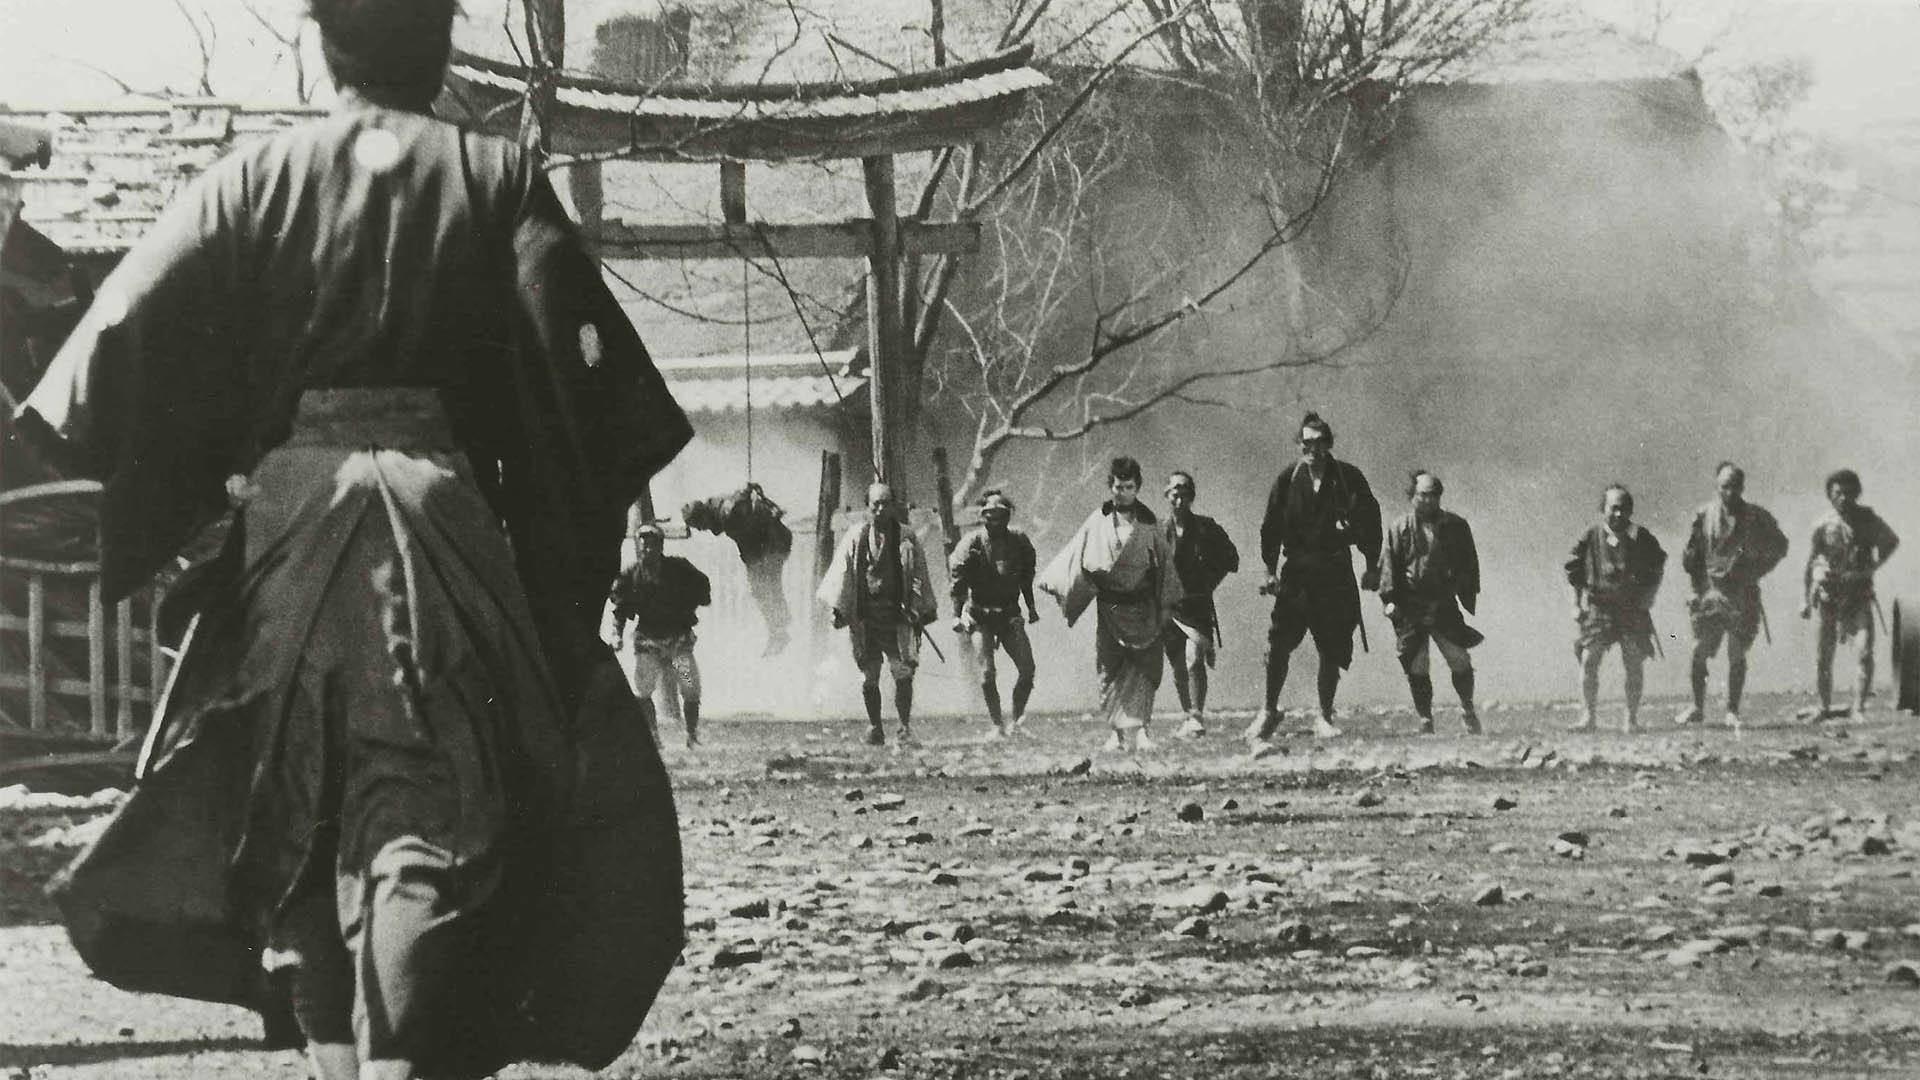 Yojimbo (1961, Akira Kurosawa)